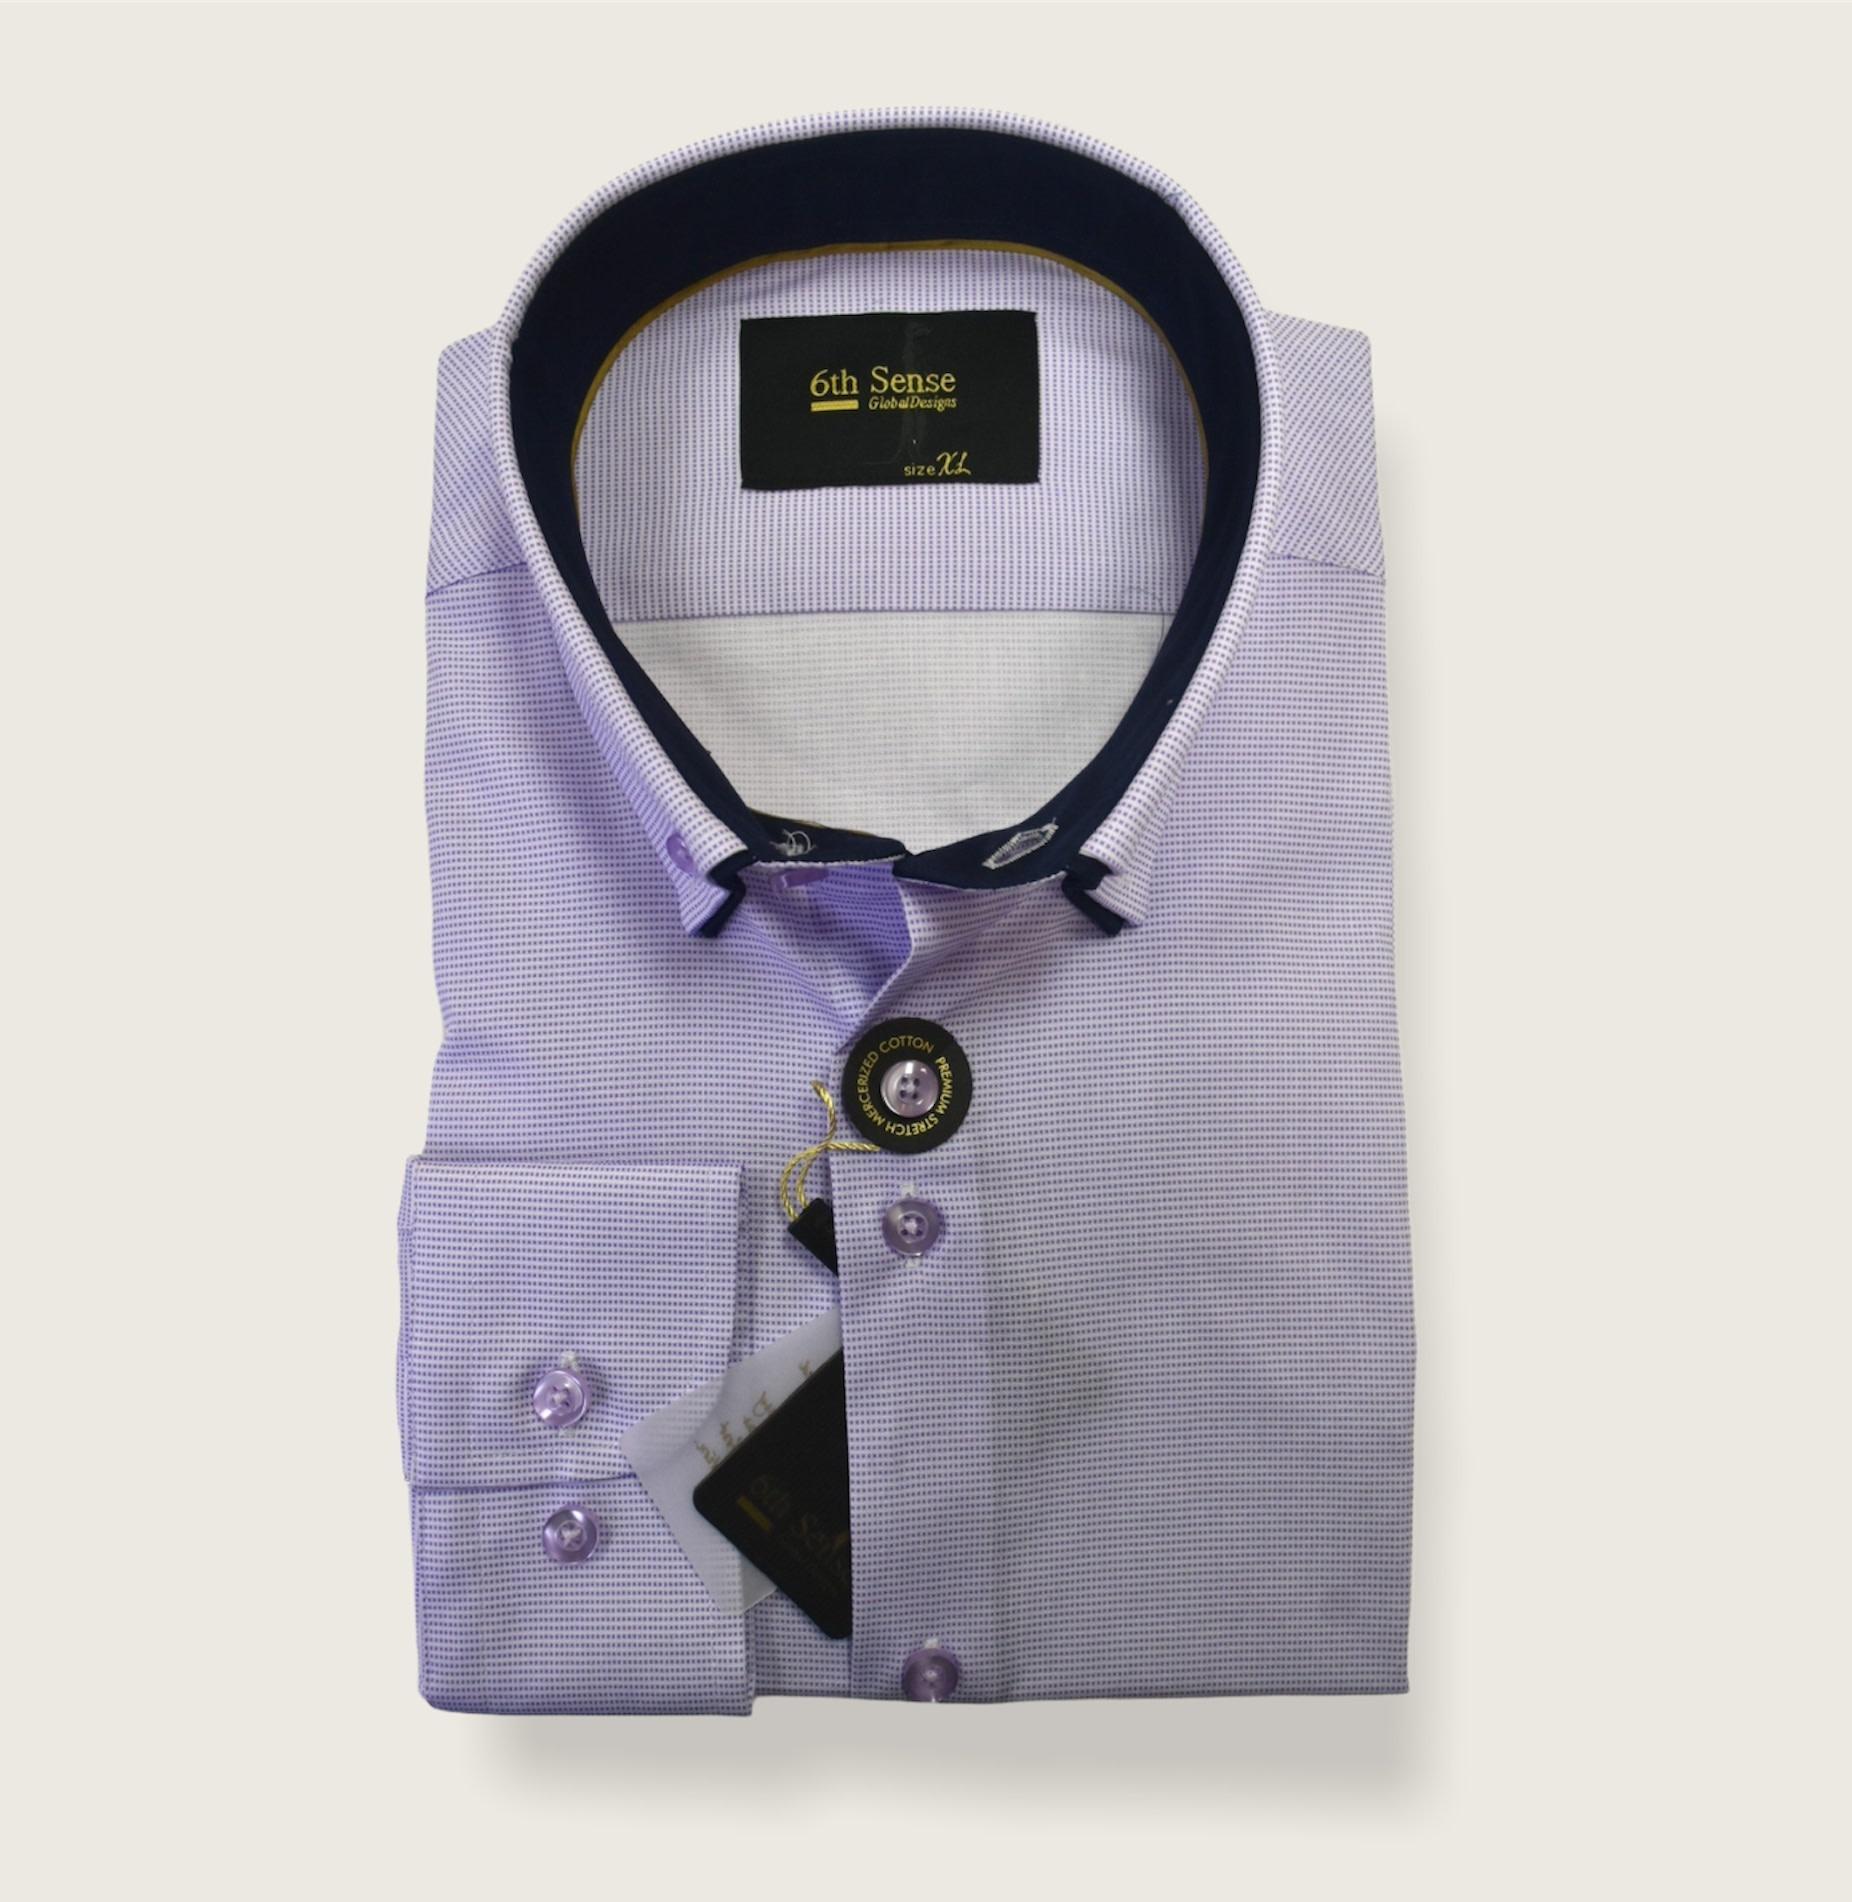 6th sense 6th sense dc print 49 shirt